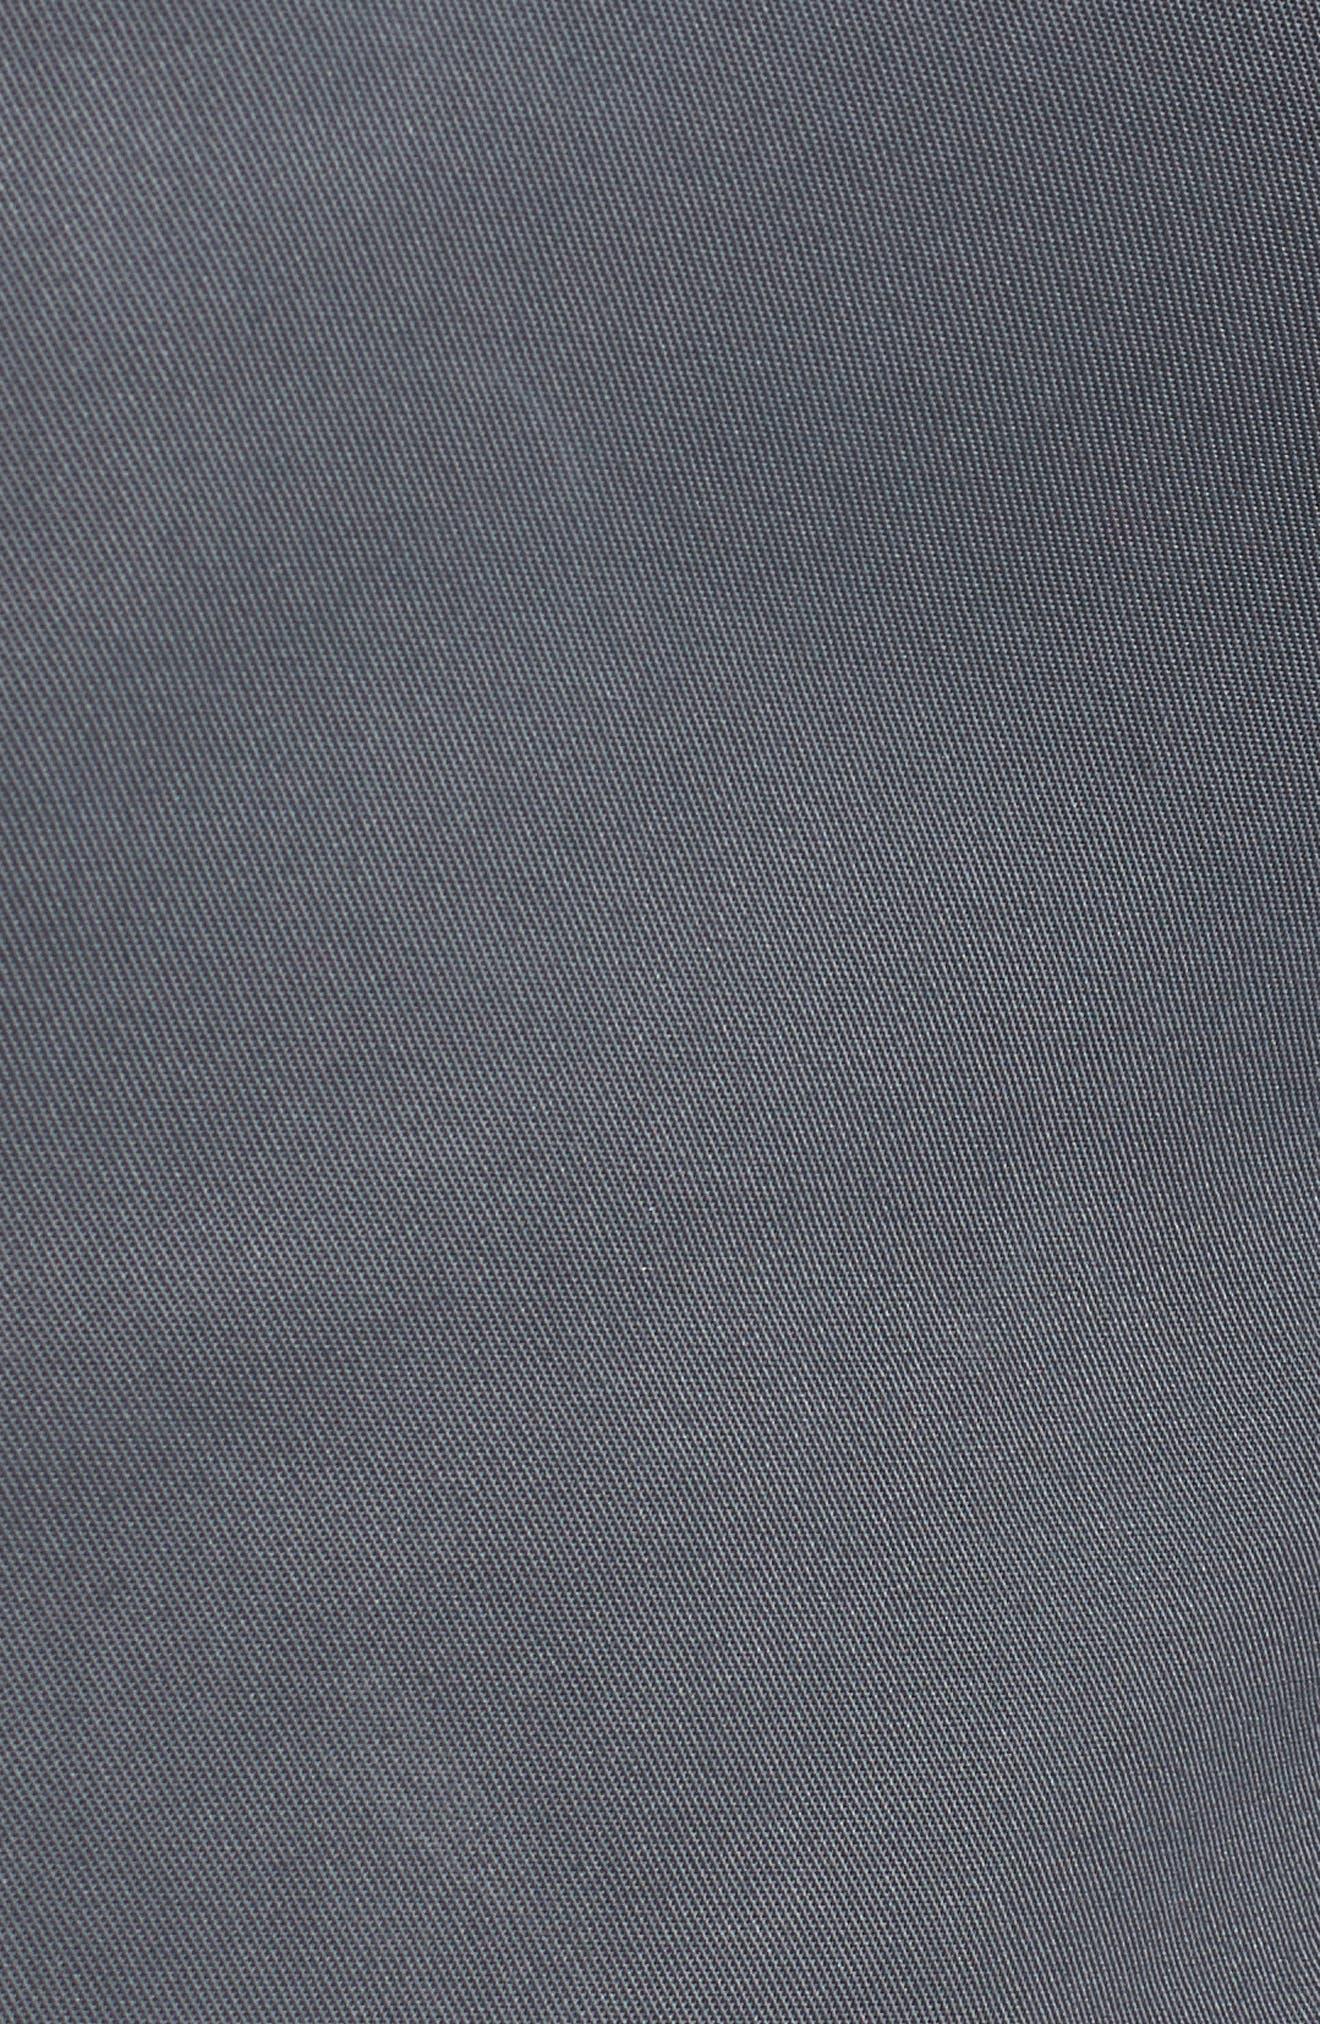 High Rise Tencel Shorts,                             Alternate thumbnail 18, color,